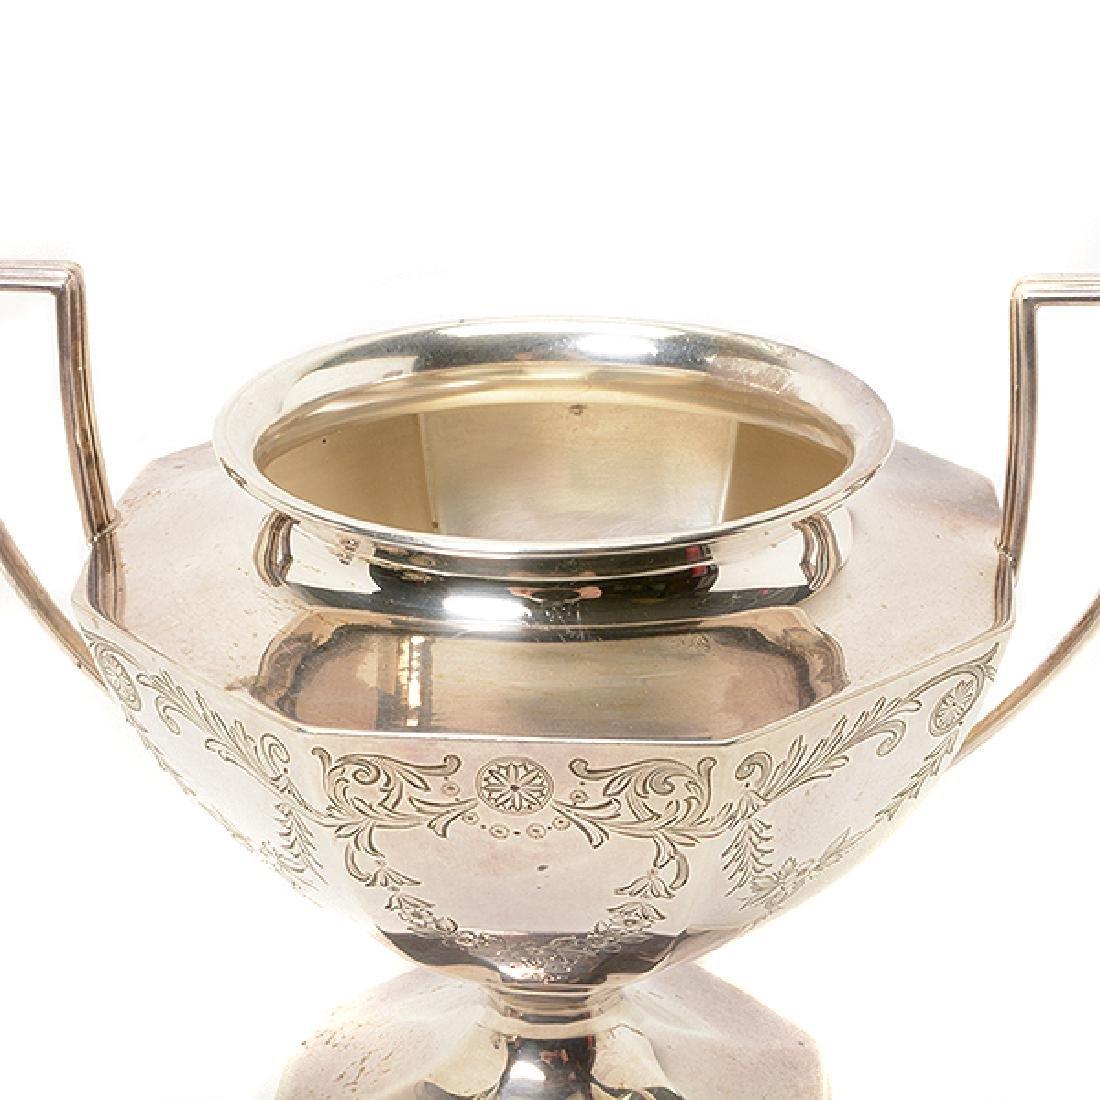 Gorham Sterling Octagonal Form Etched Tea Service - 4